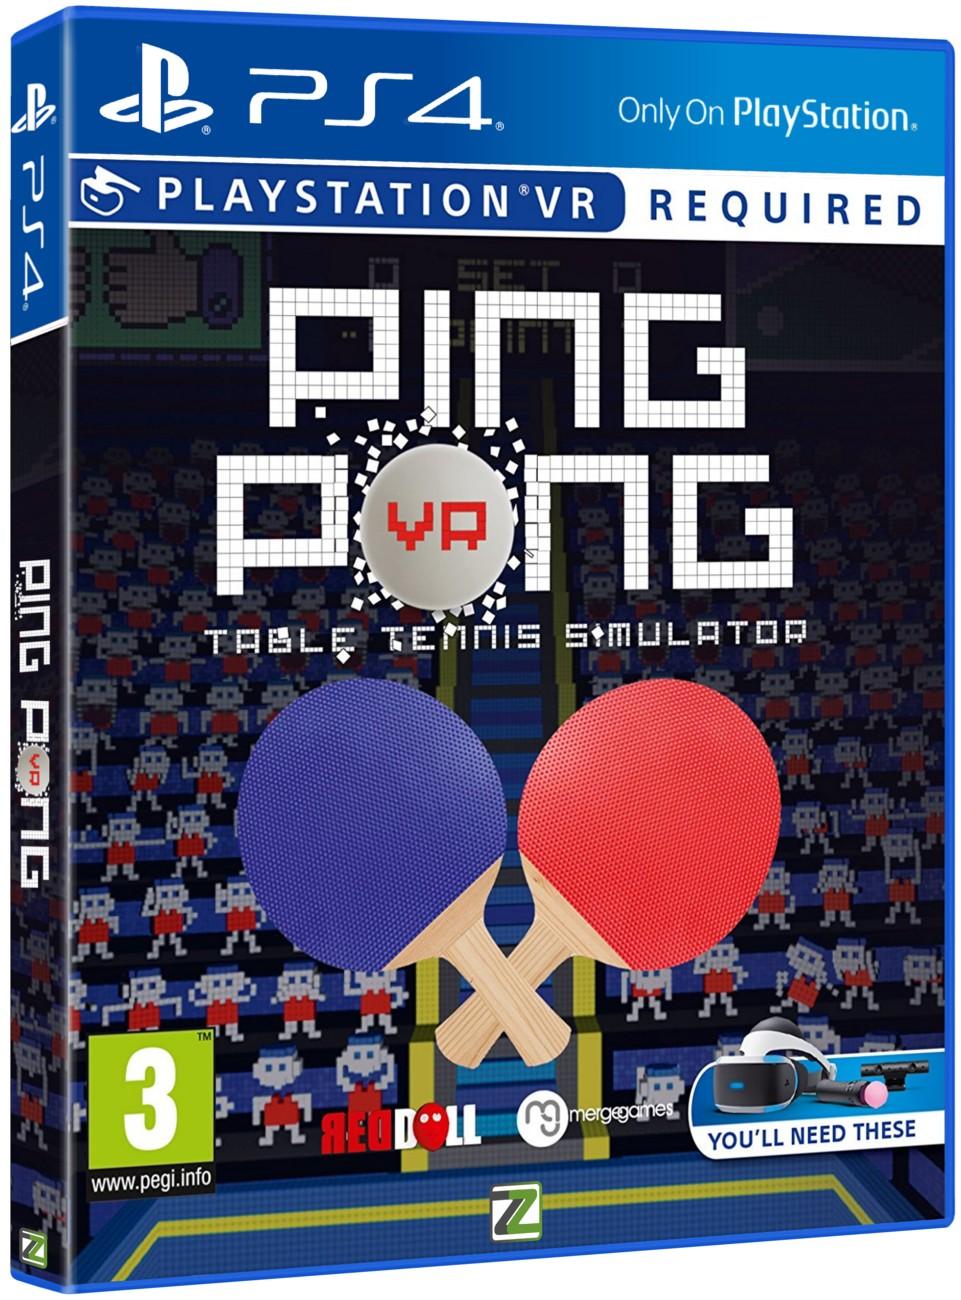 Ping Pong - PS4 VR